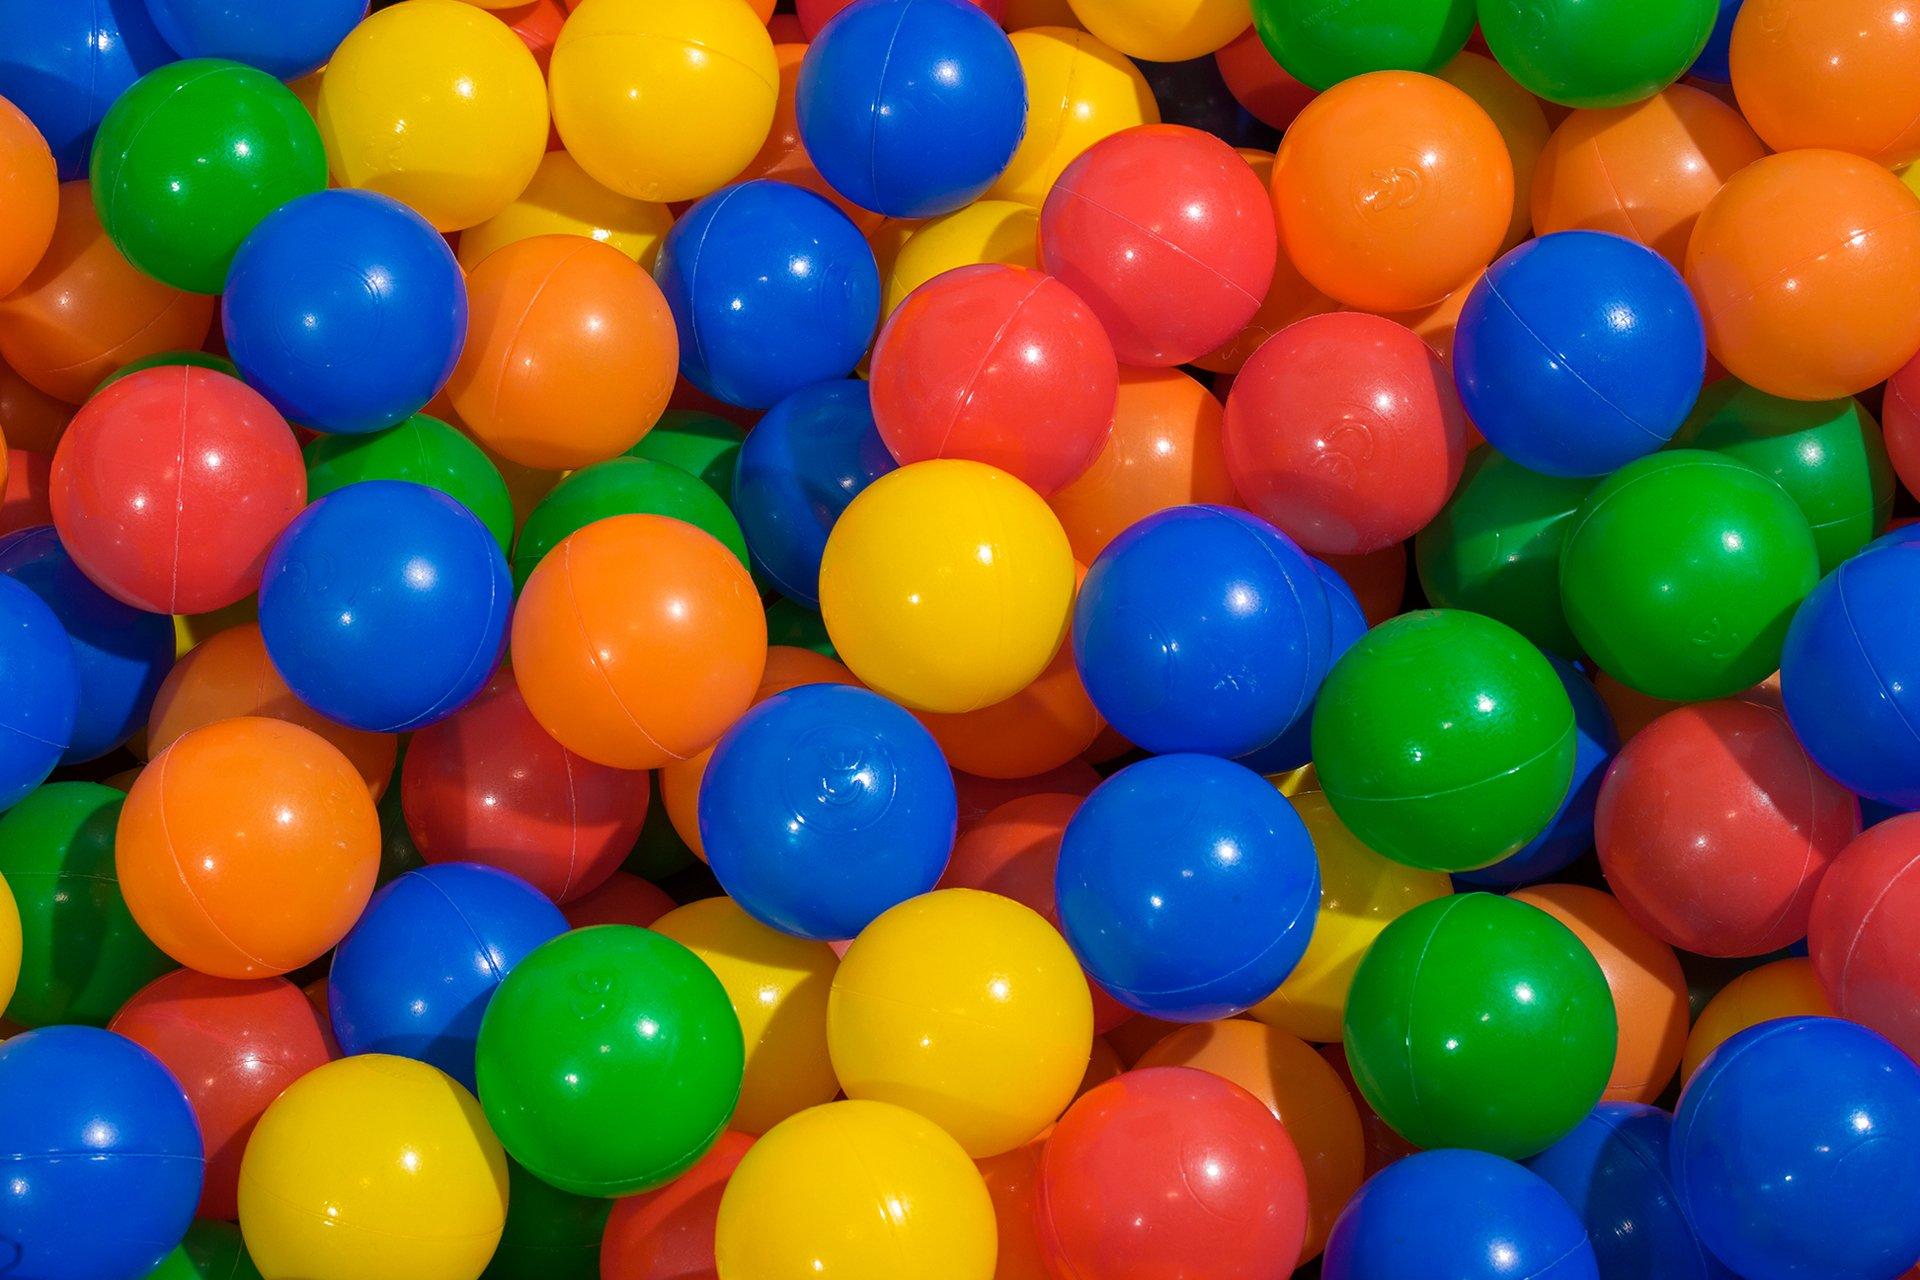 Огни цветные шарики  № 3561104 бесплатно